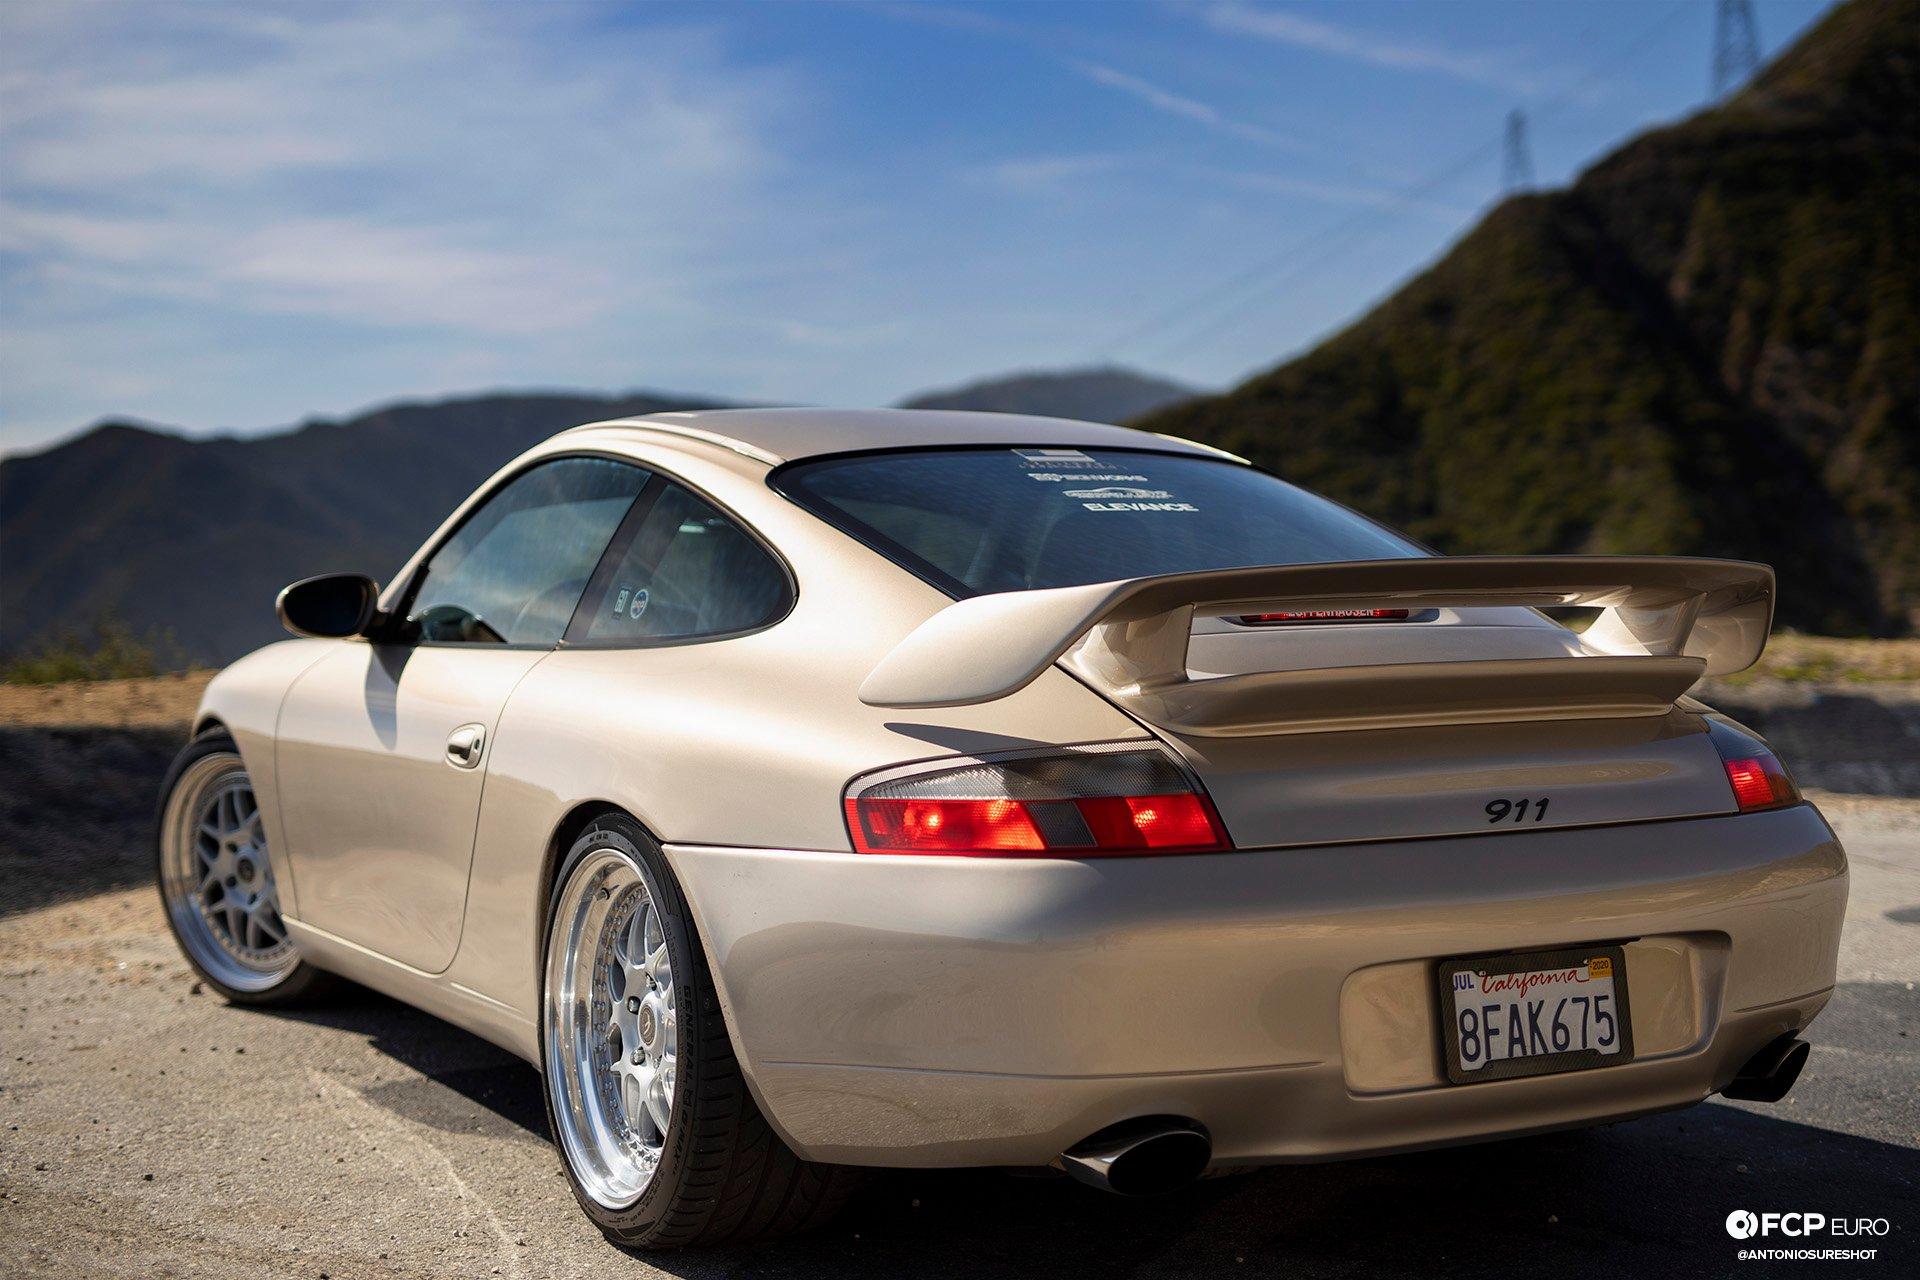 Porsche 911 996 M96 Eibach Forgestar Stoptech EOSR0830 crop